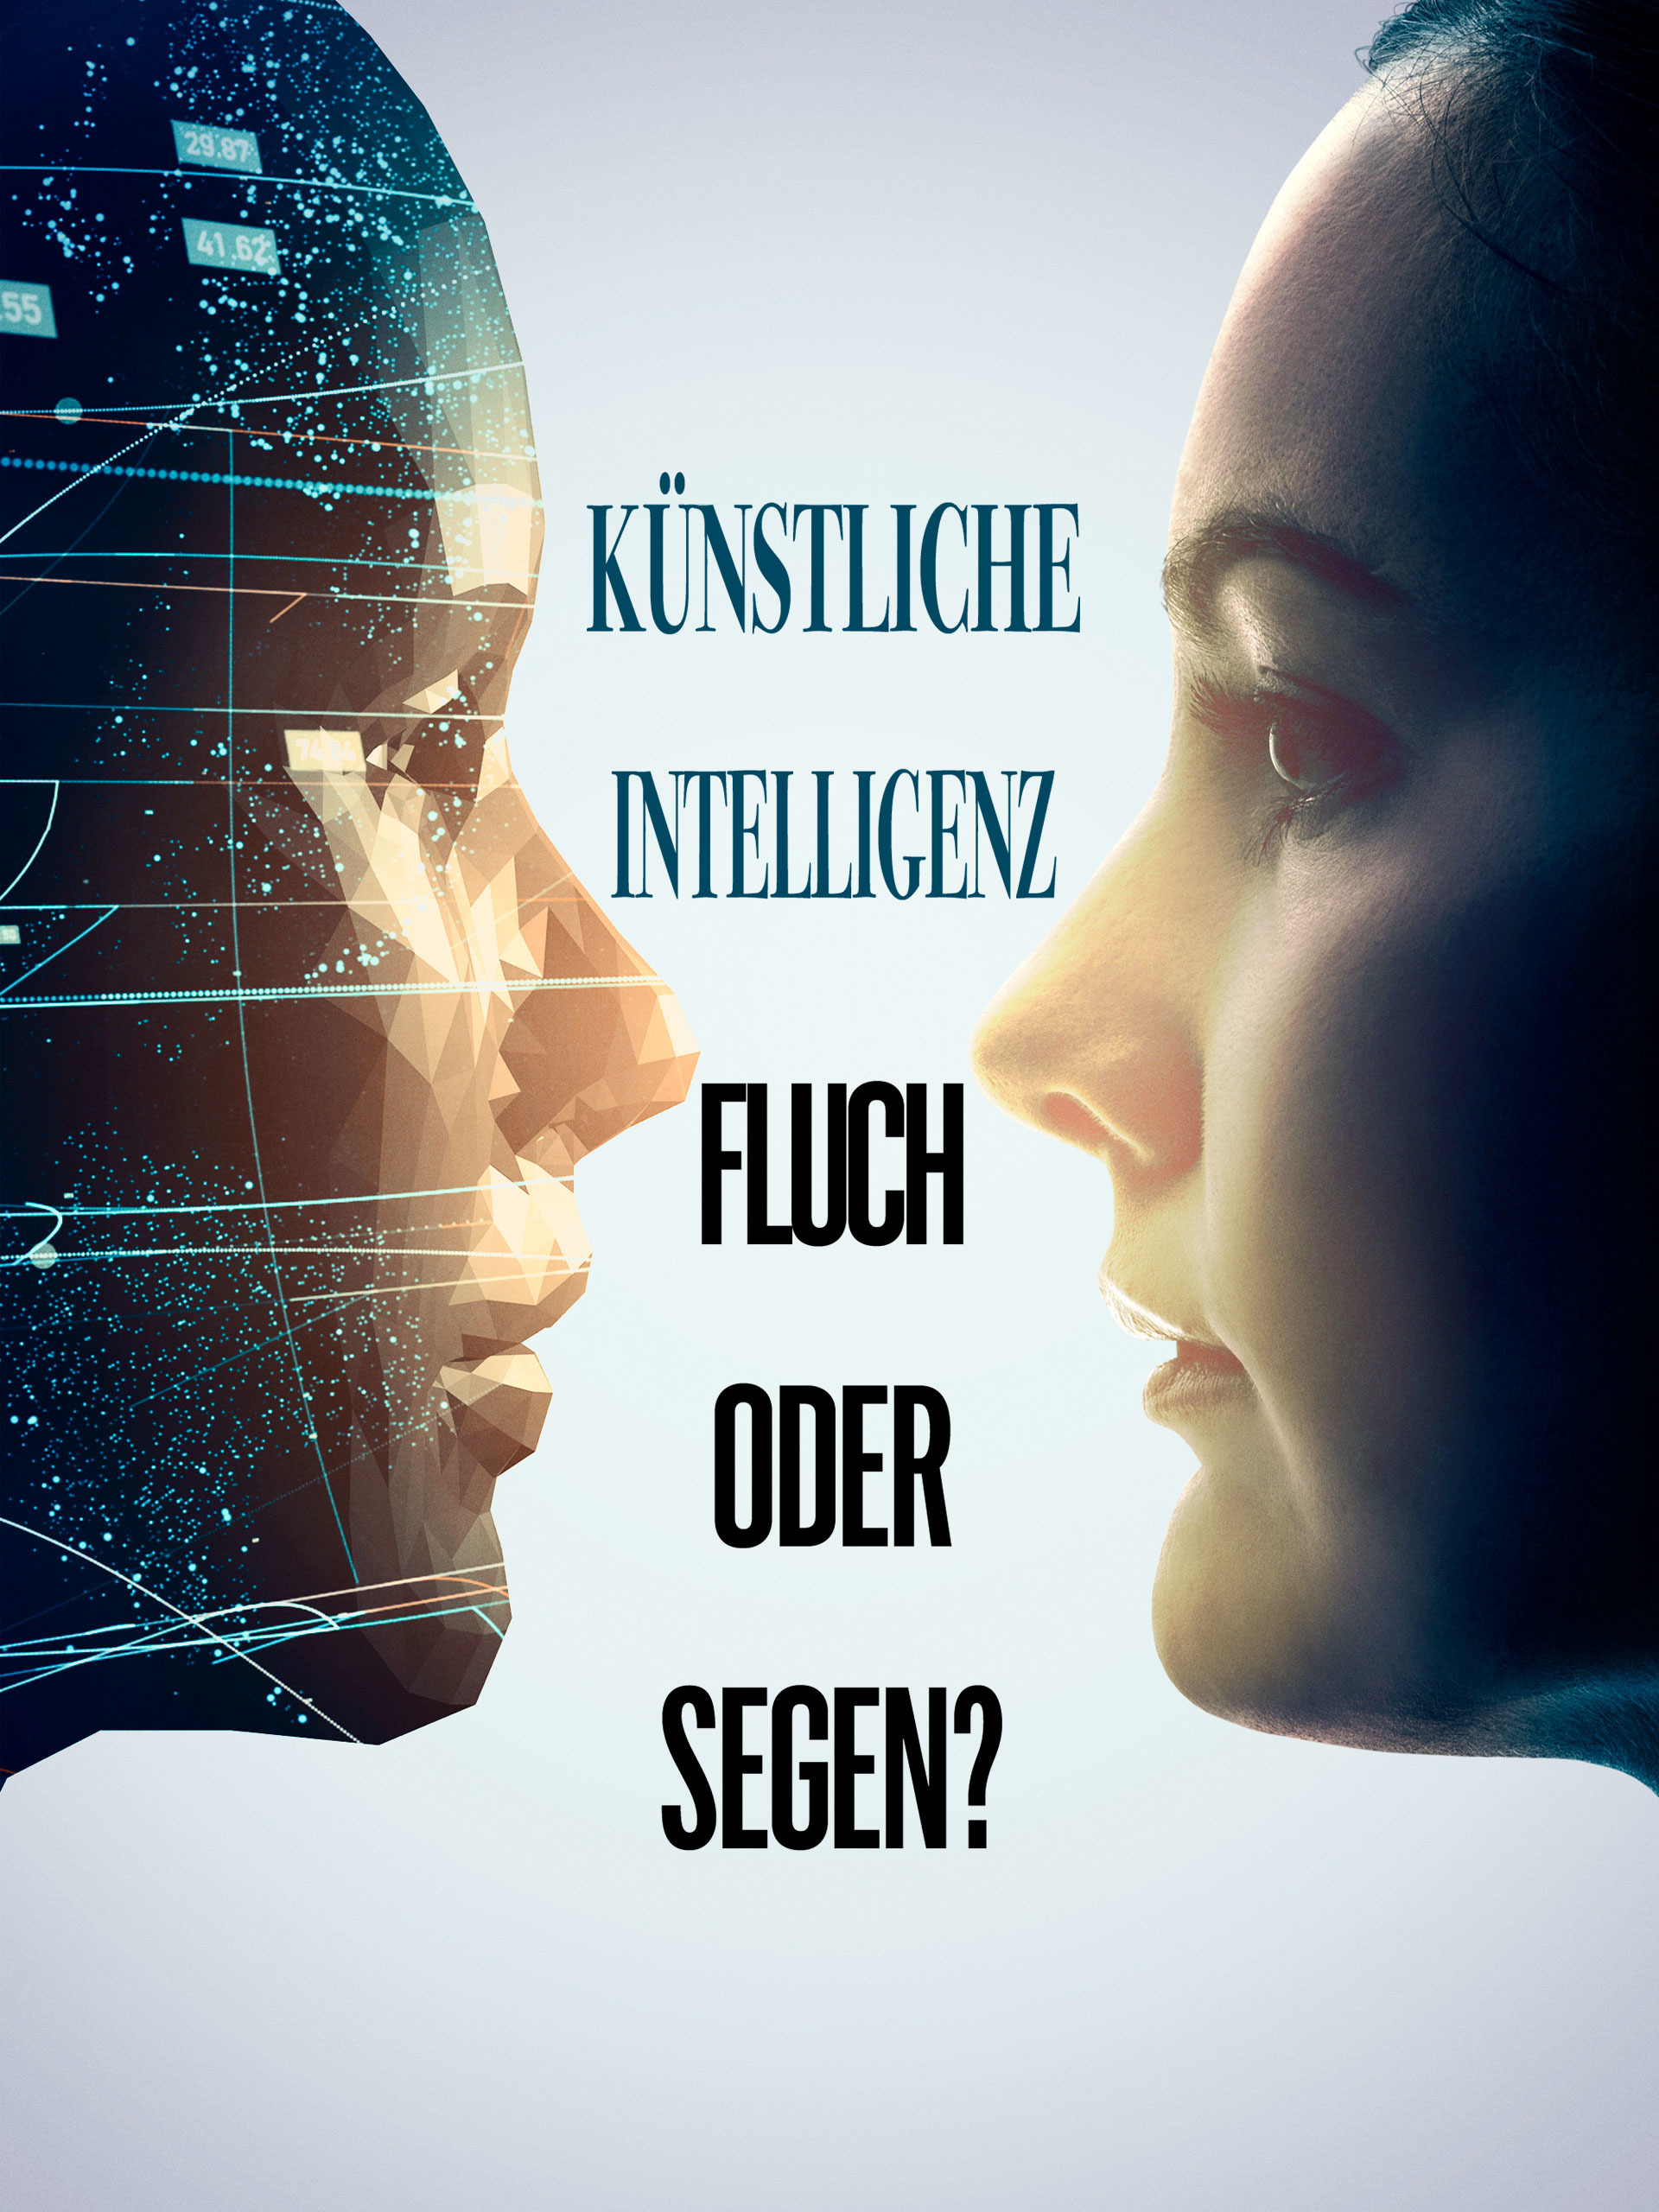 Künstliche Intelligenz - Fluch oder Segen?